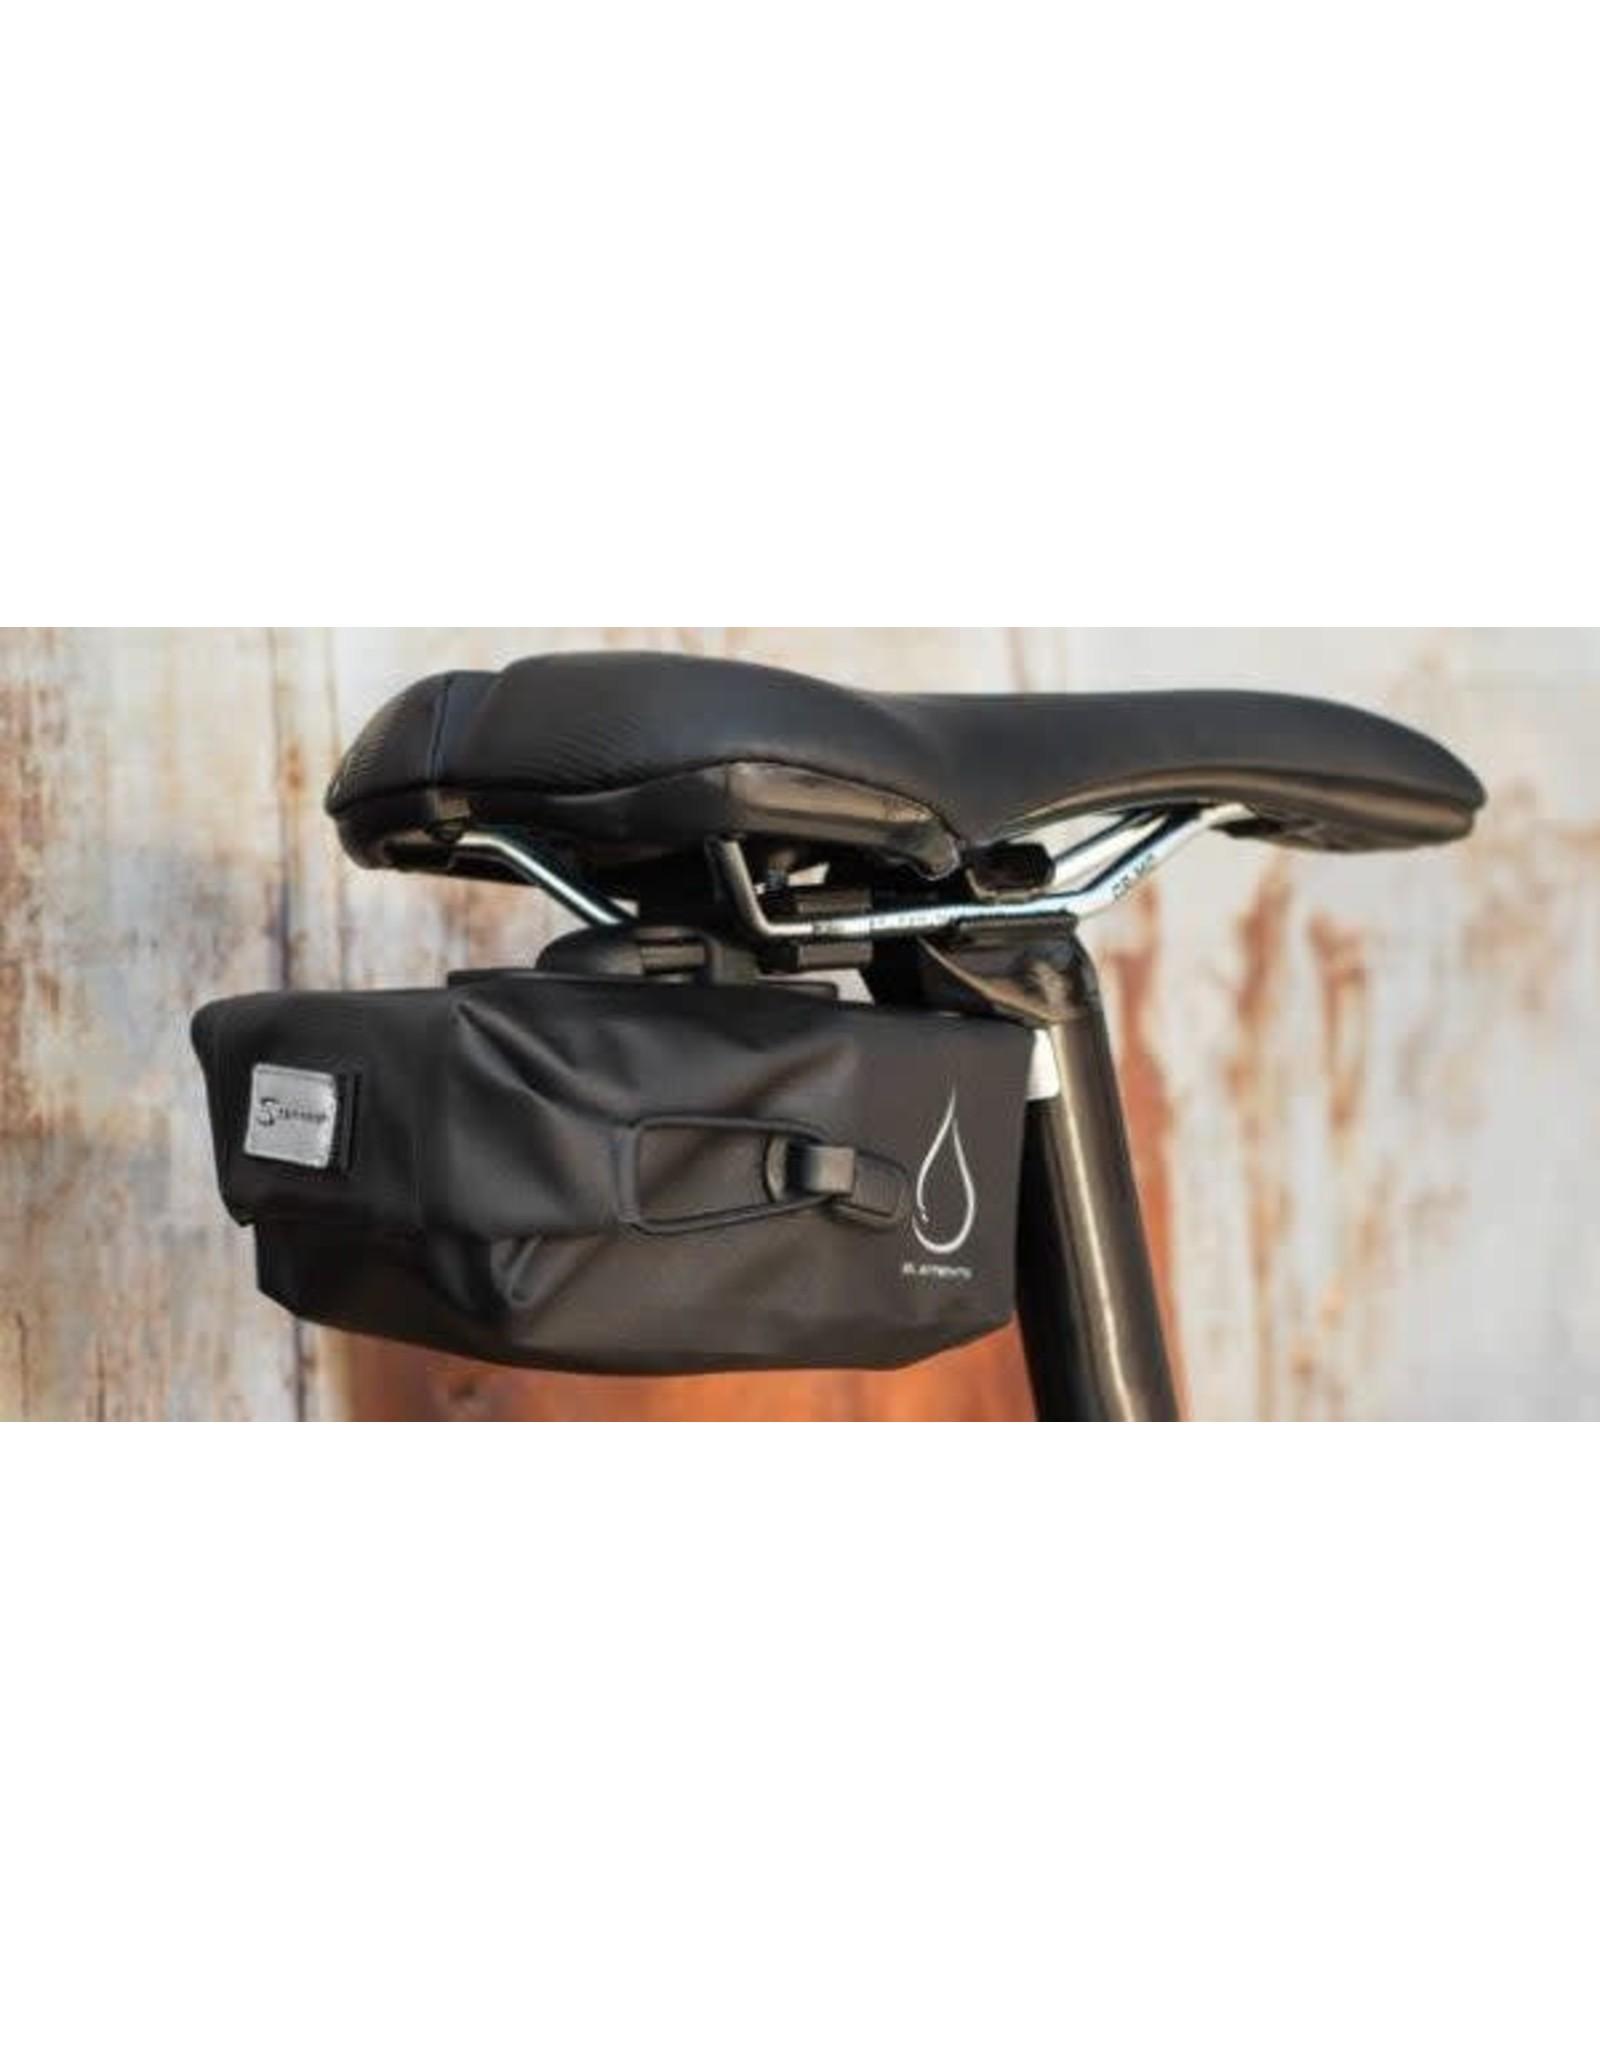 Serfas Monsoon Saddle Bag - Medium